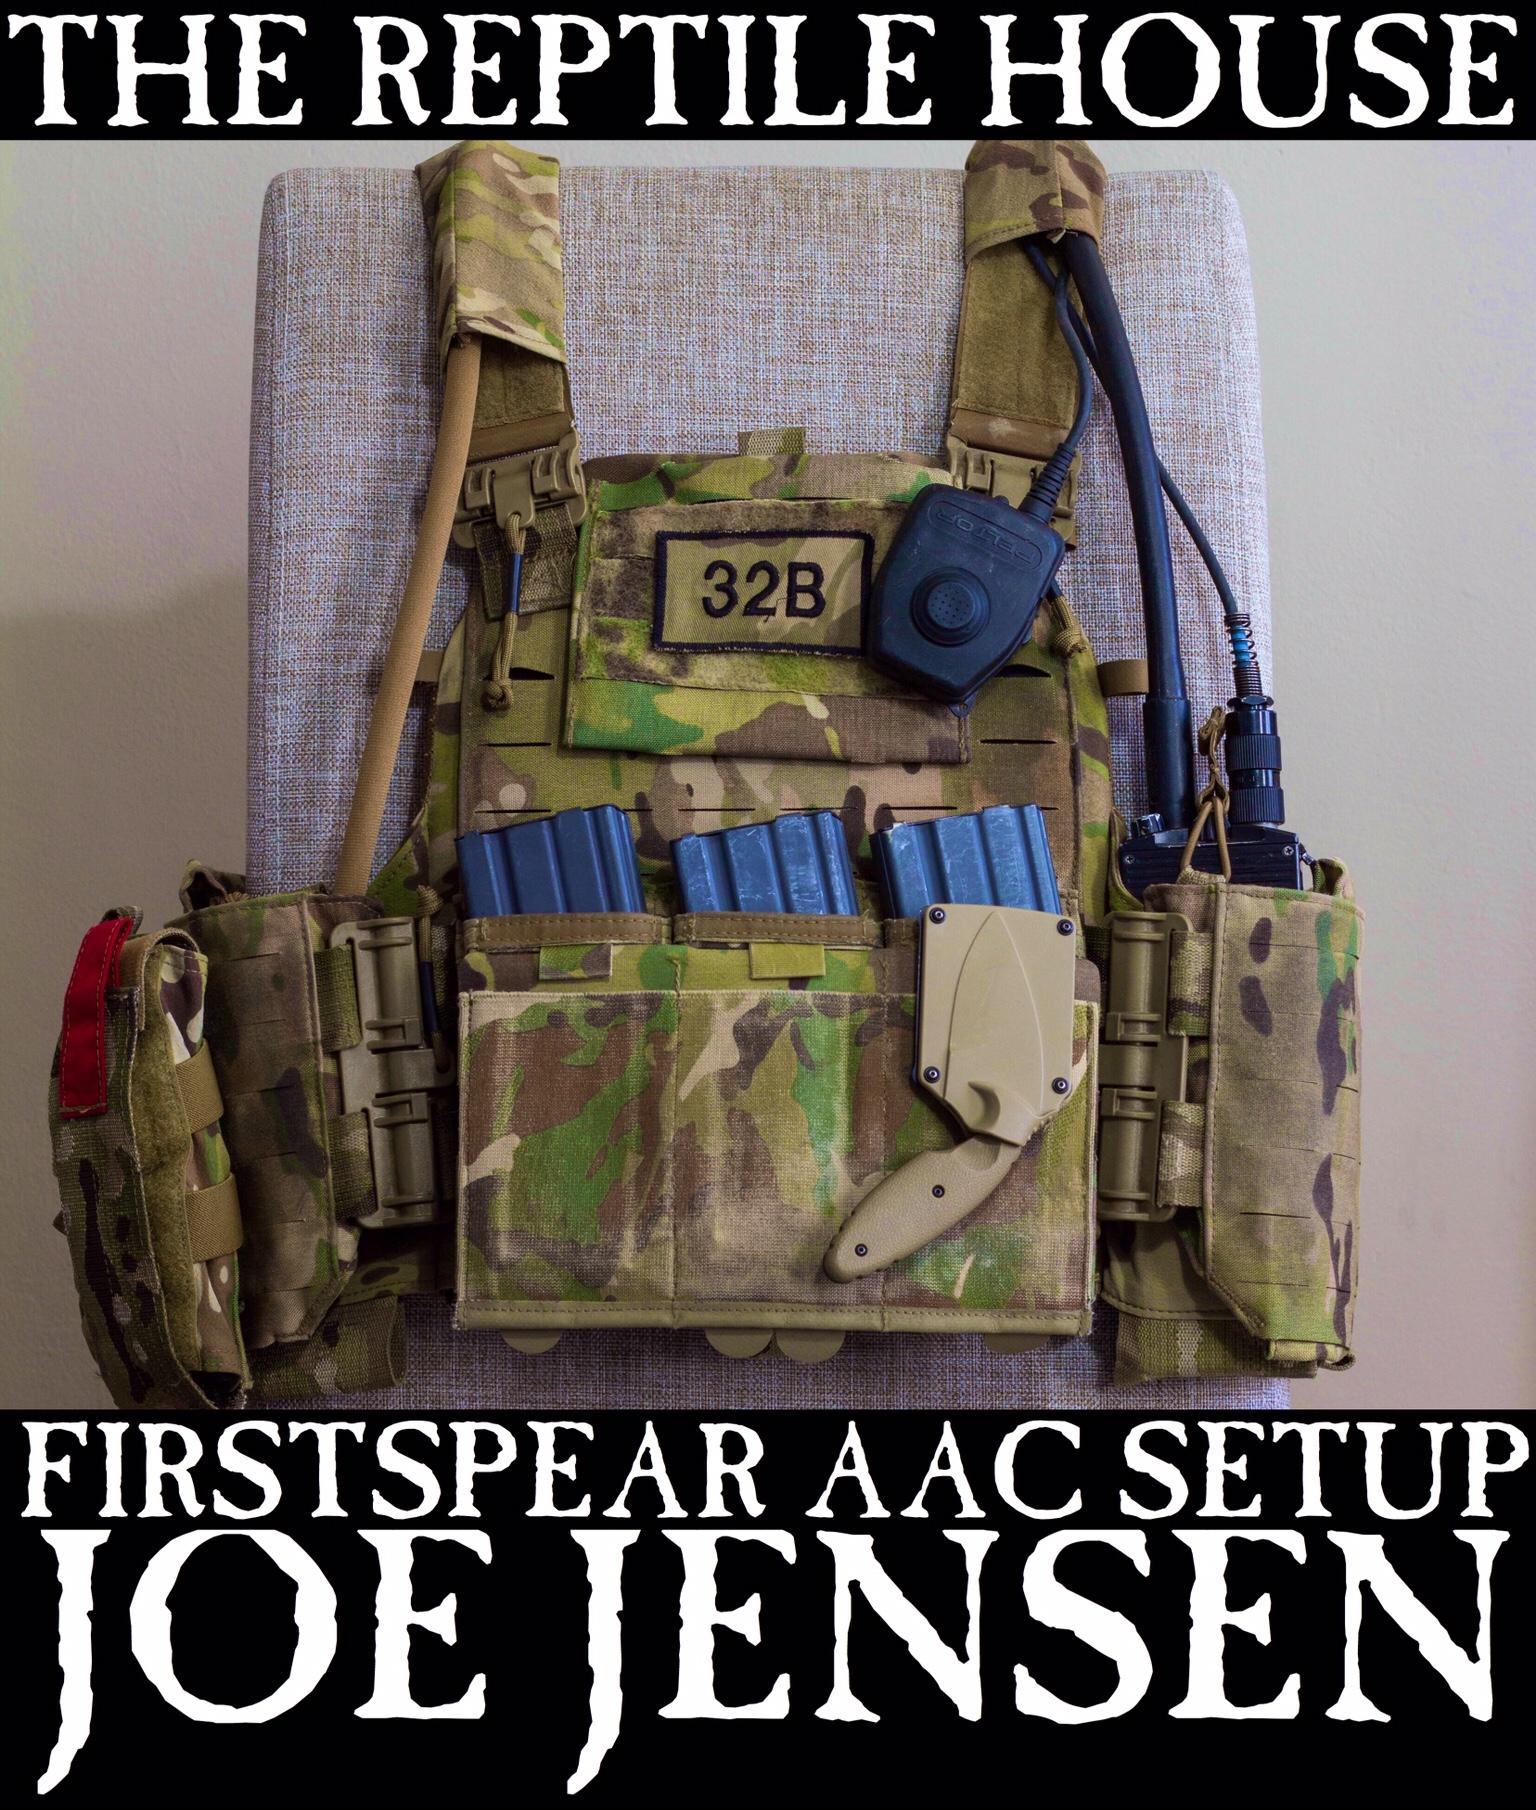 Joe Jensen First Spear Aac Plate Carrier Set Up